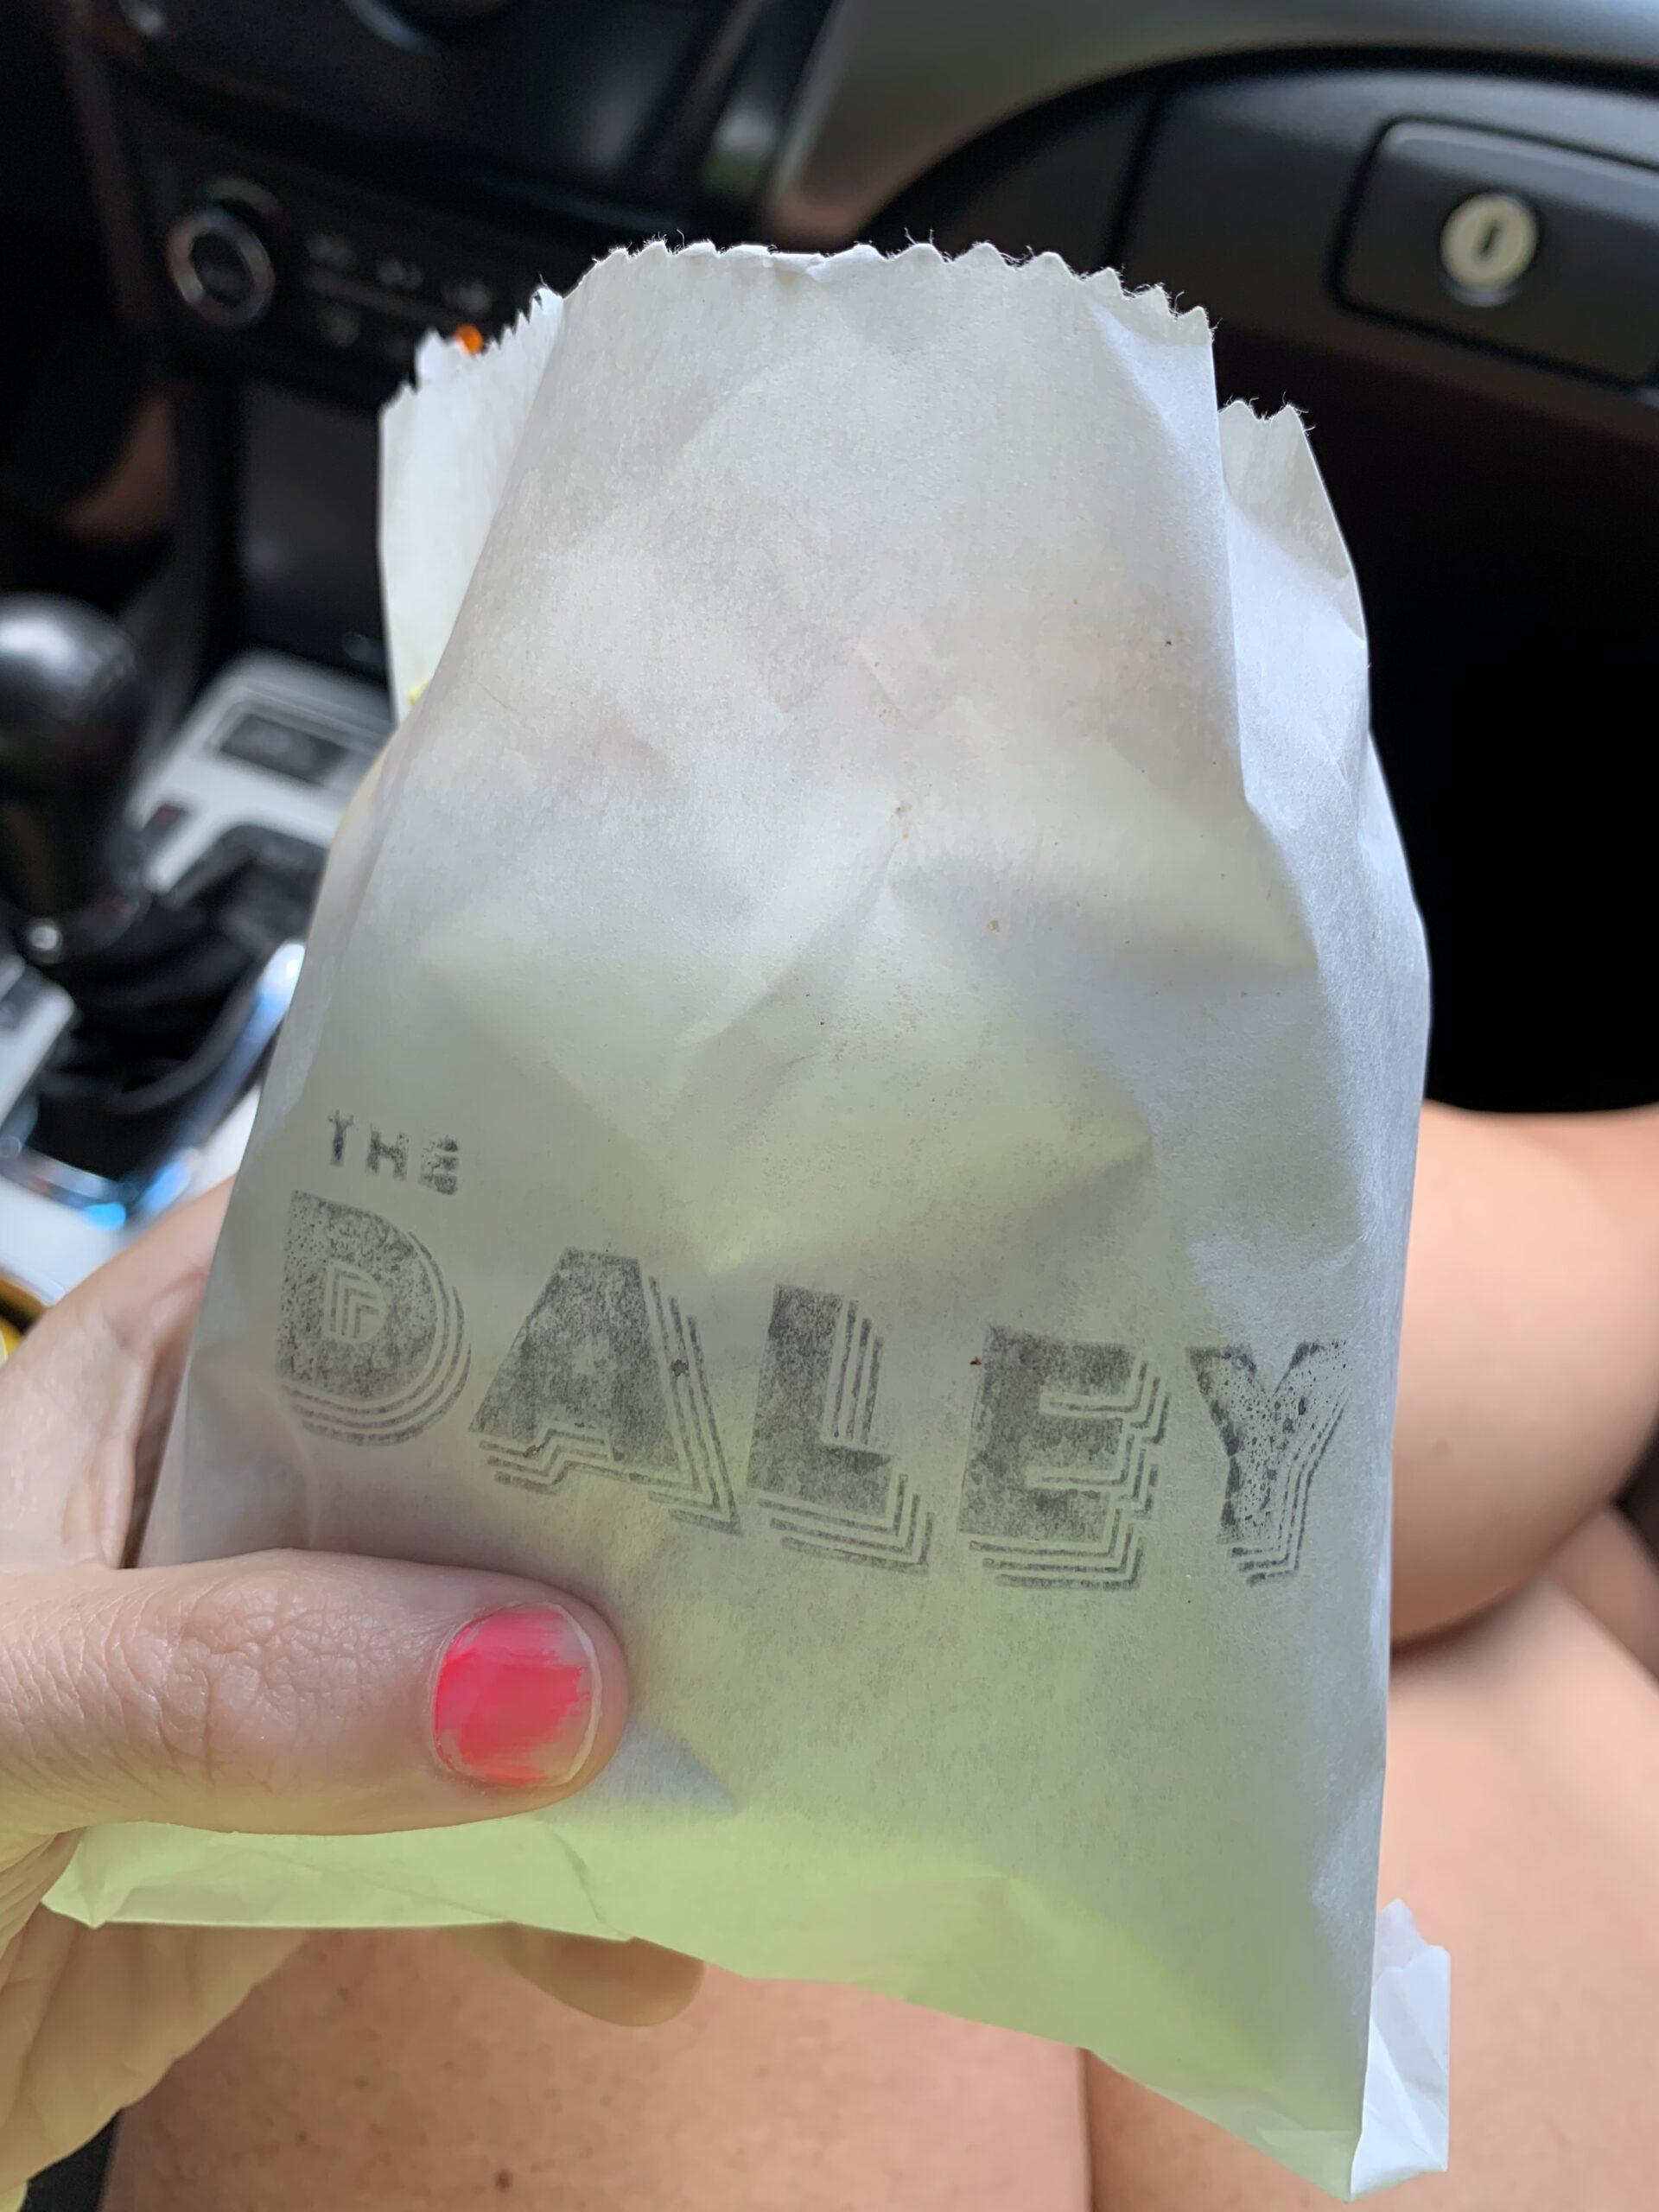 The Daley Smash Burger